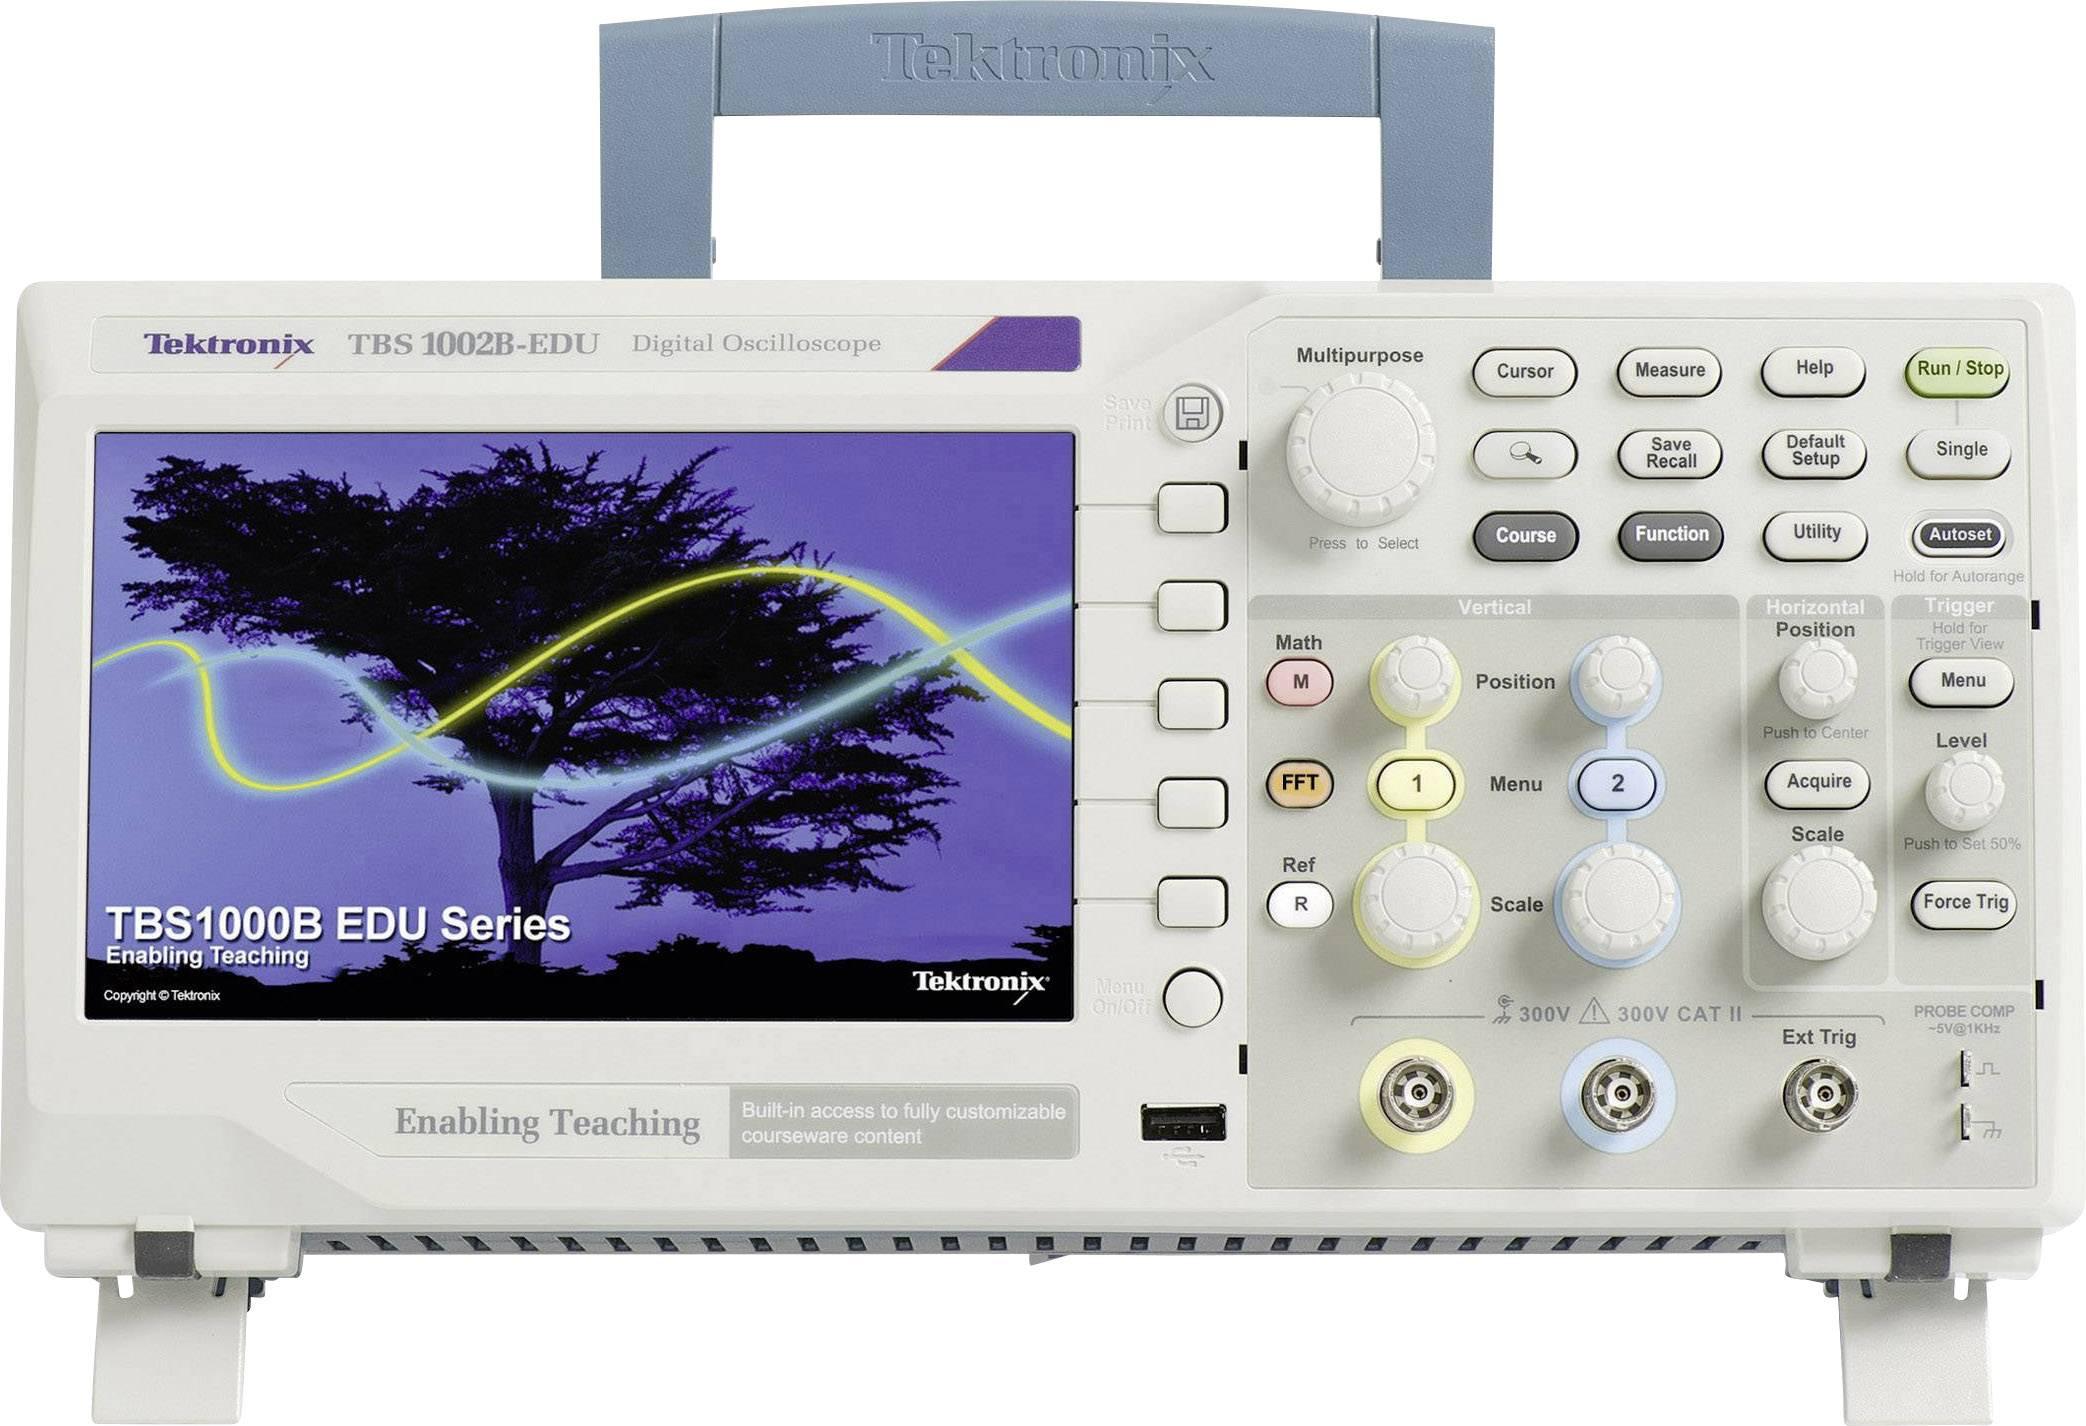 Digitální osciloskop Tektronix TBS1072B-EDU, 70 MHz, 2kanálová, Kalibrováno dle ISO